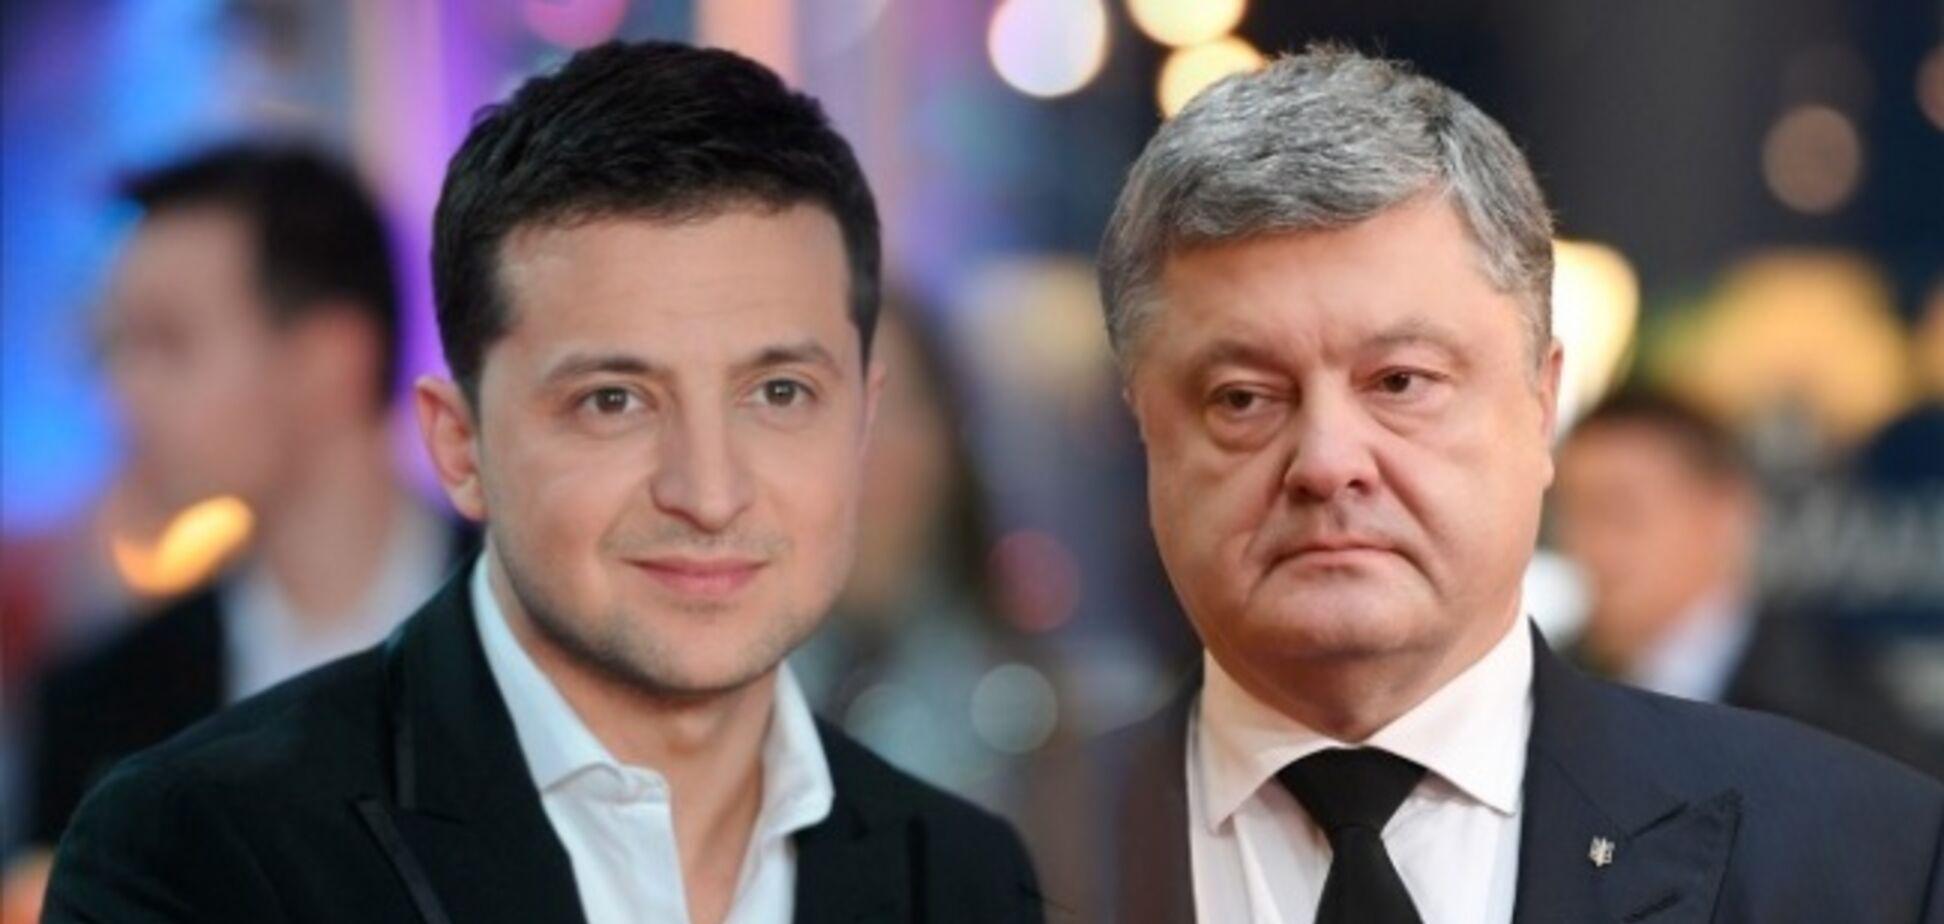 Выборы президента Украины: в Кремле выступили с заявлением